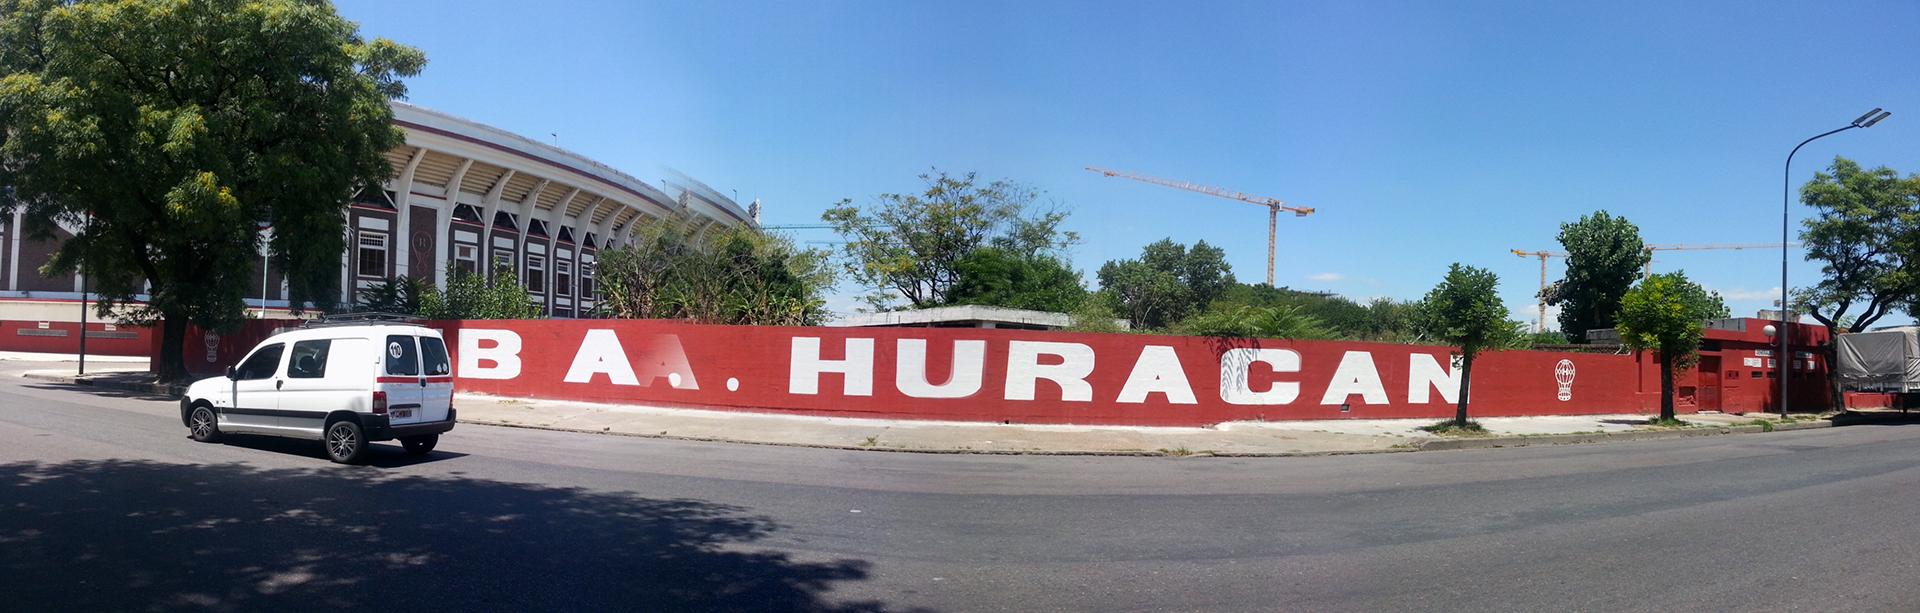 El frente de los terrenos que habían sido cedidos a Huracán